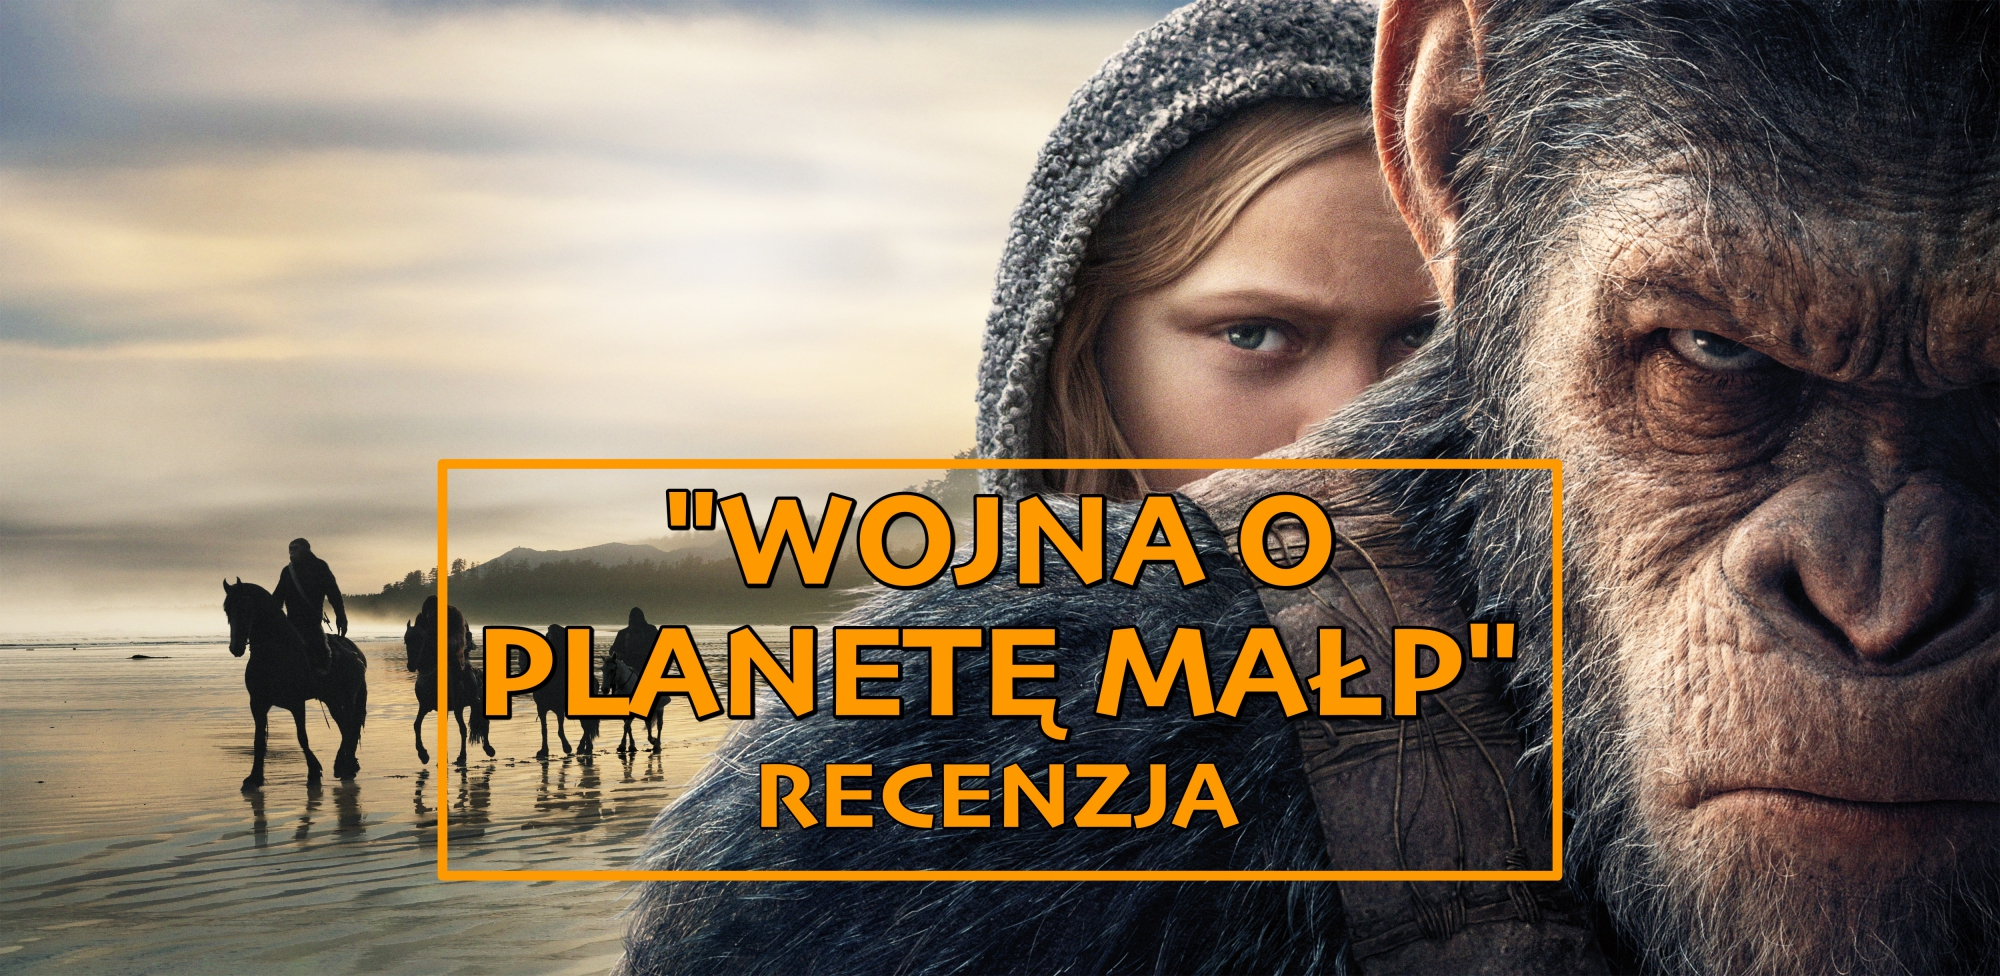 """Człowiek małpie człowiekiem, czyli recenzja filmu """"Wojna o Planetę Małp"""""""